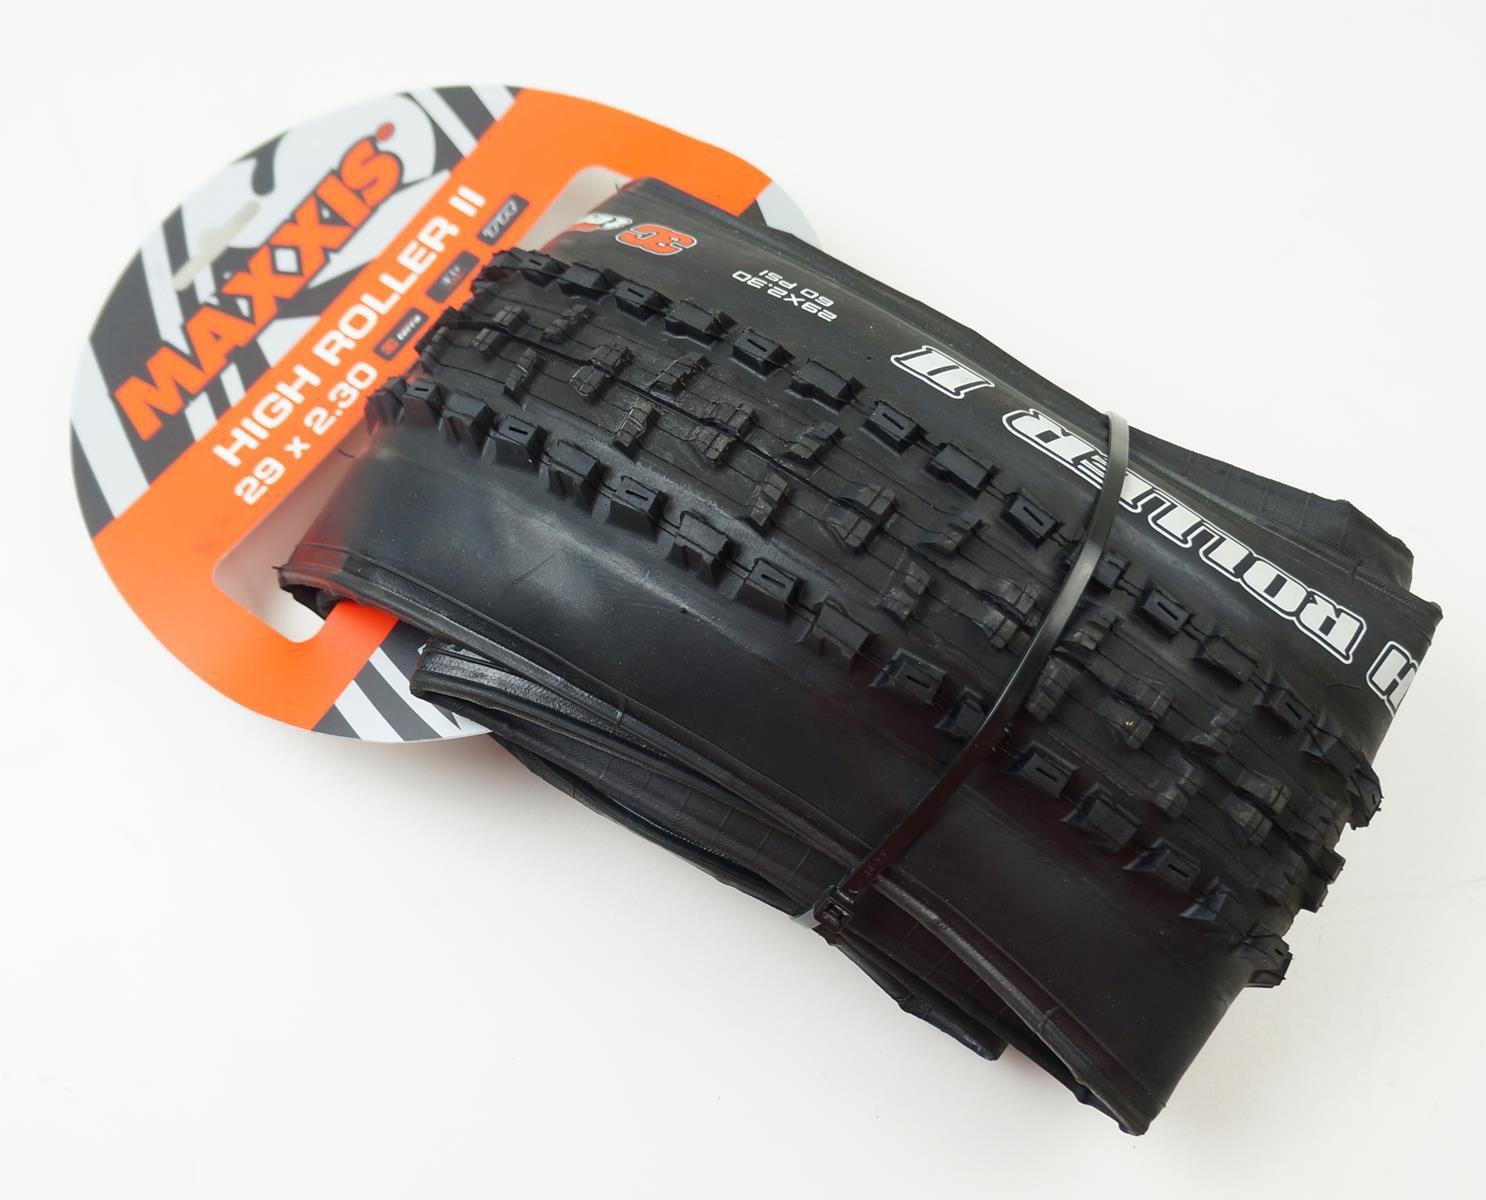 Pneu Enduro Maxxis High Roller II 29 2.30 EXO Maxxterra Tubeless Ready Kevlar 29er